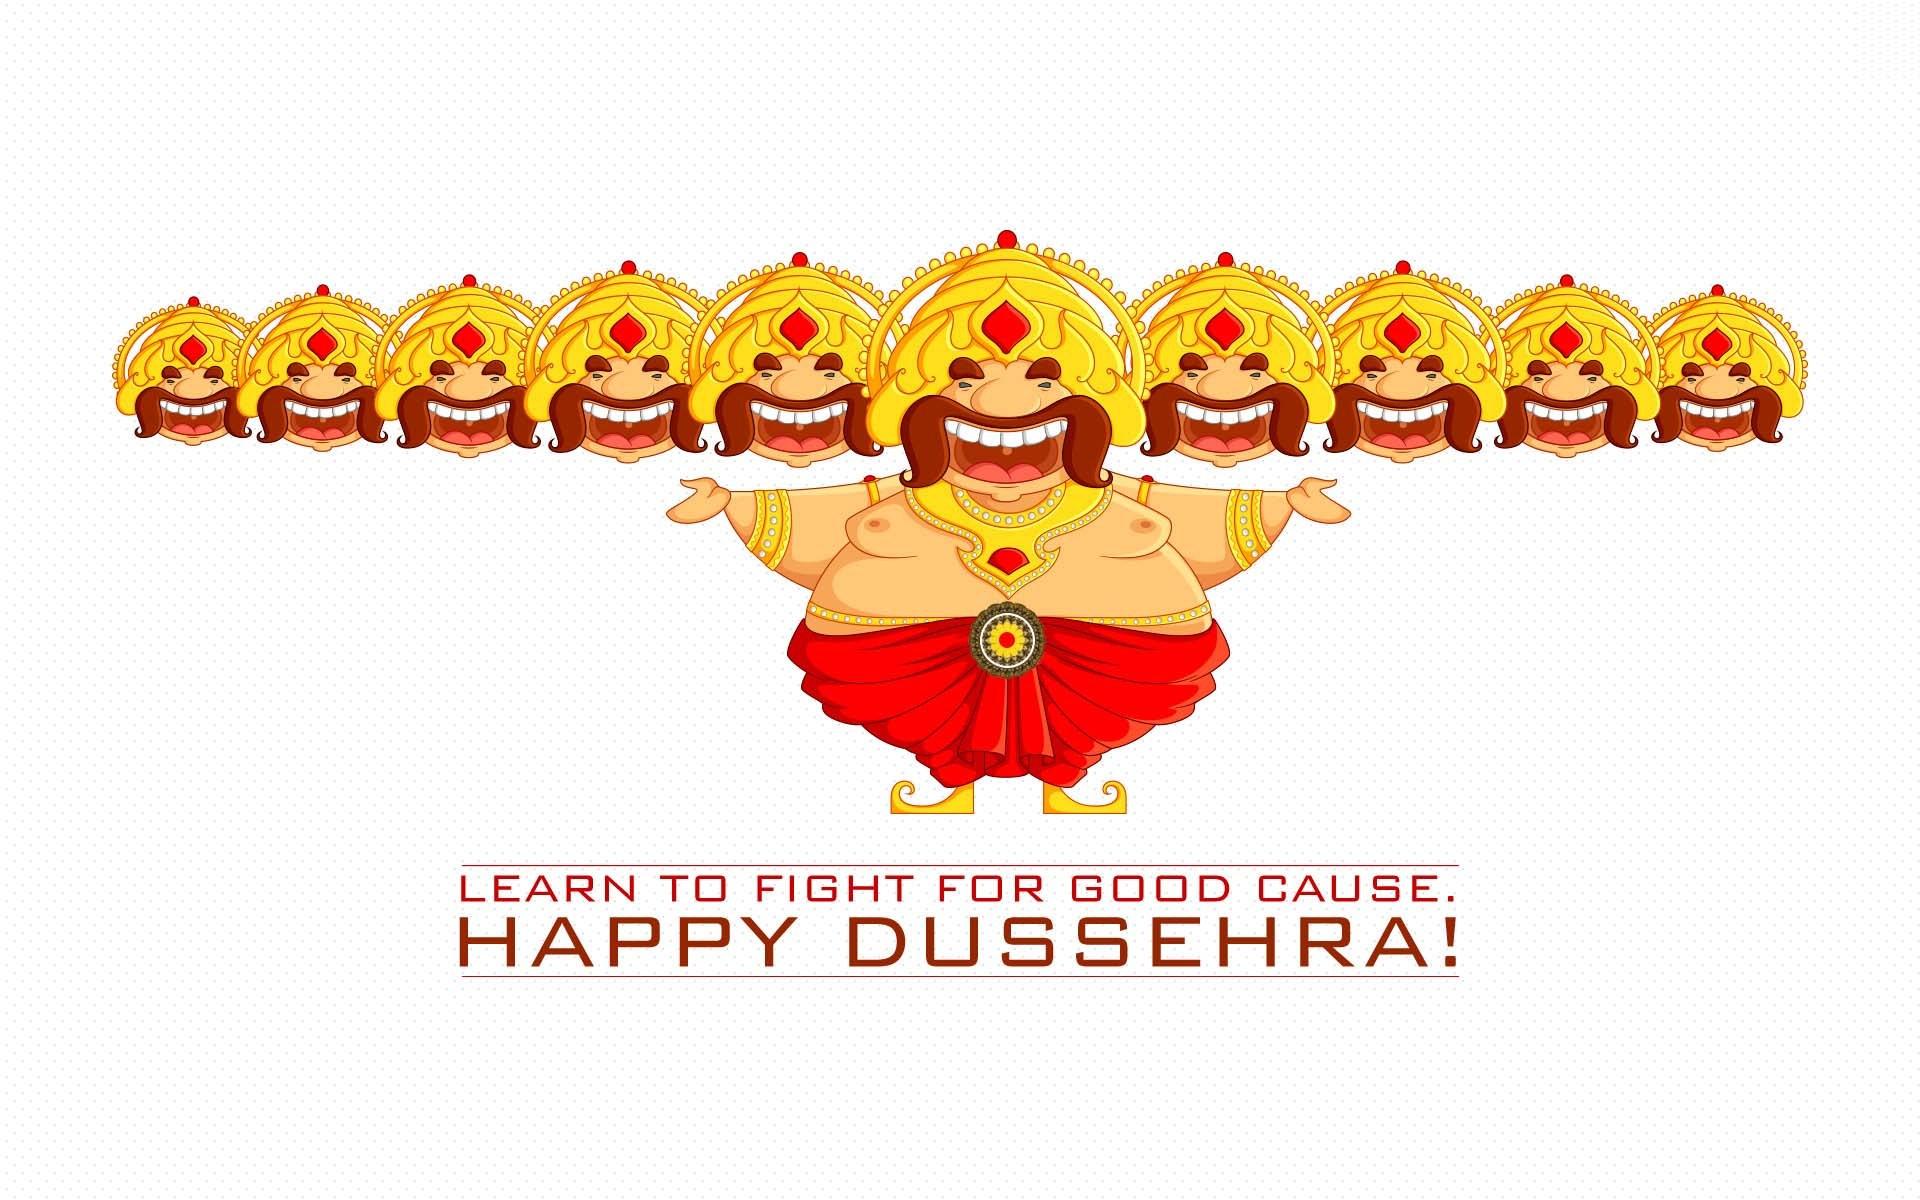 Happy Dussehra Funny Cartoon